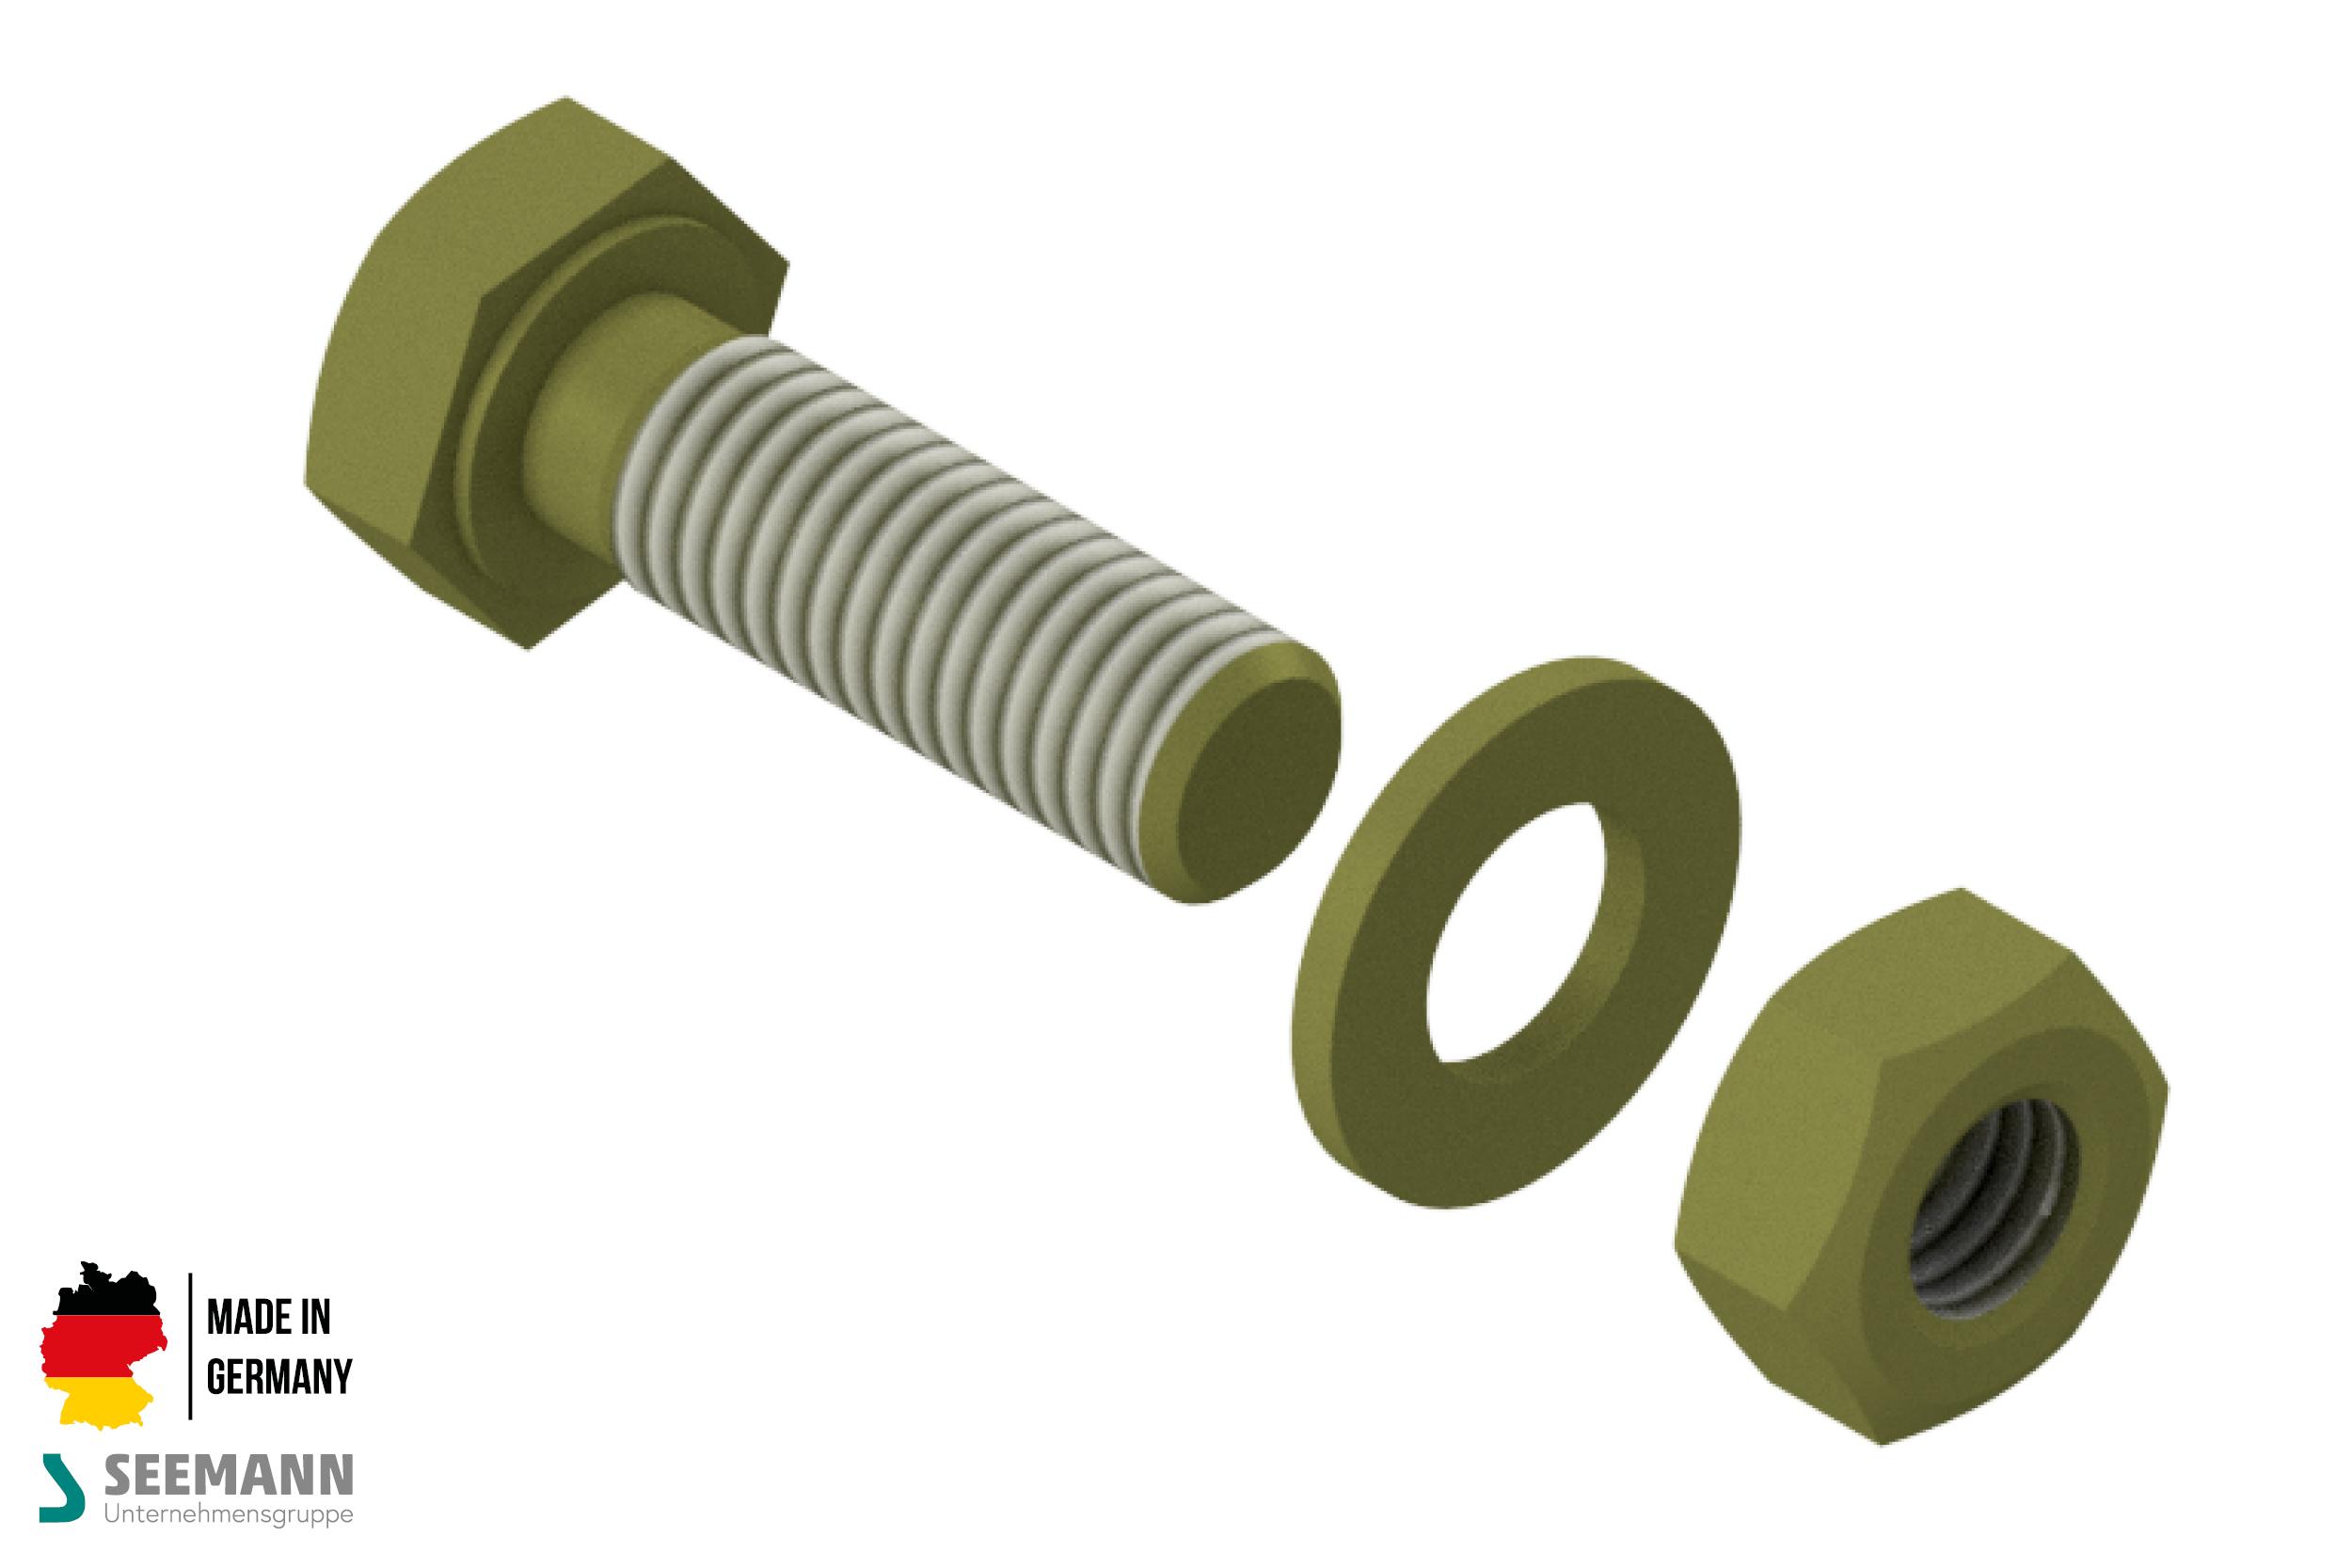 Titan-Ersatzschraubensatz für Titanteller